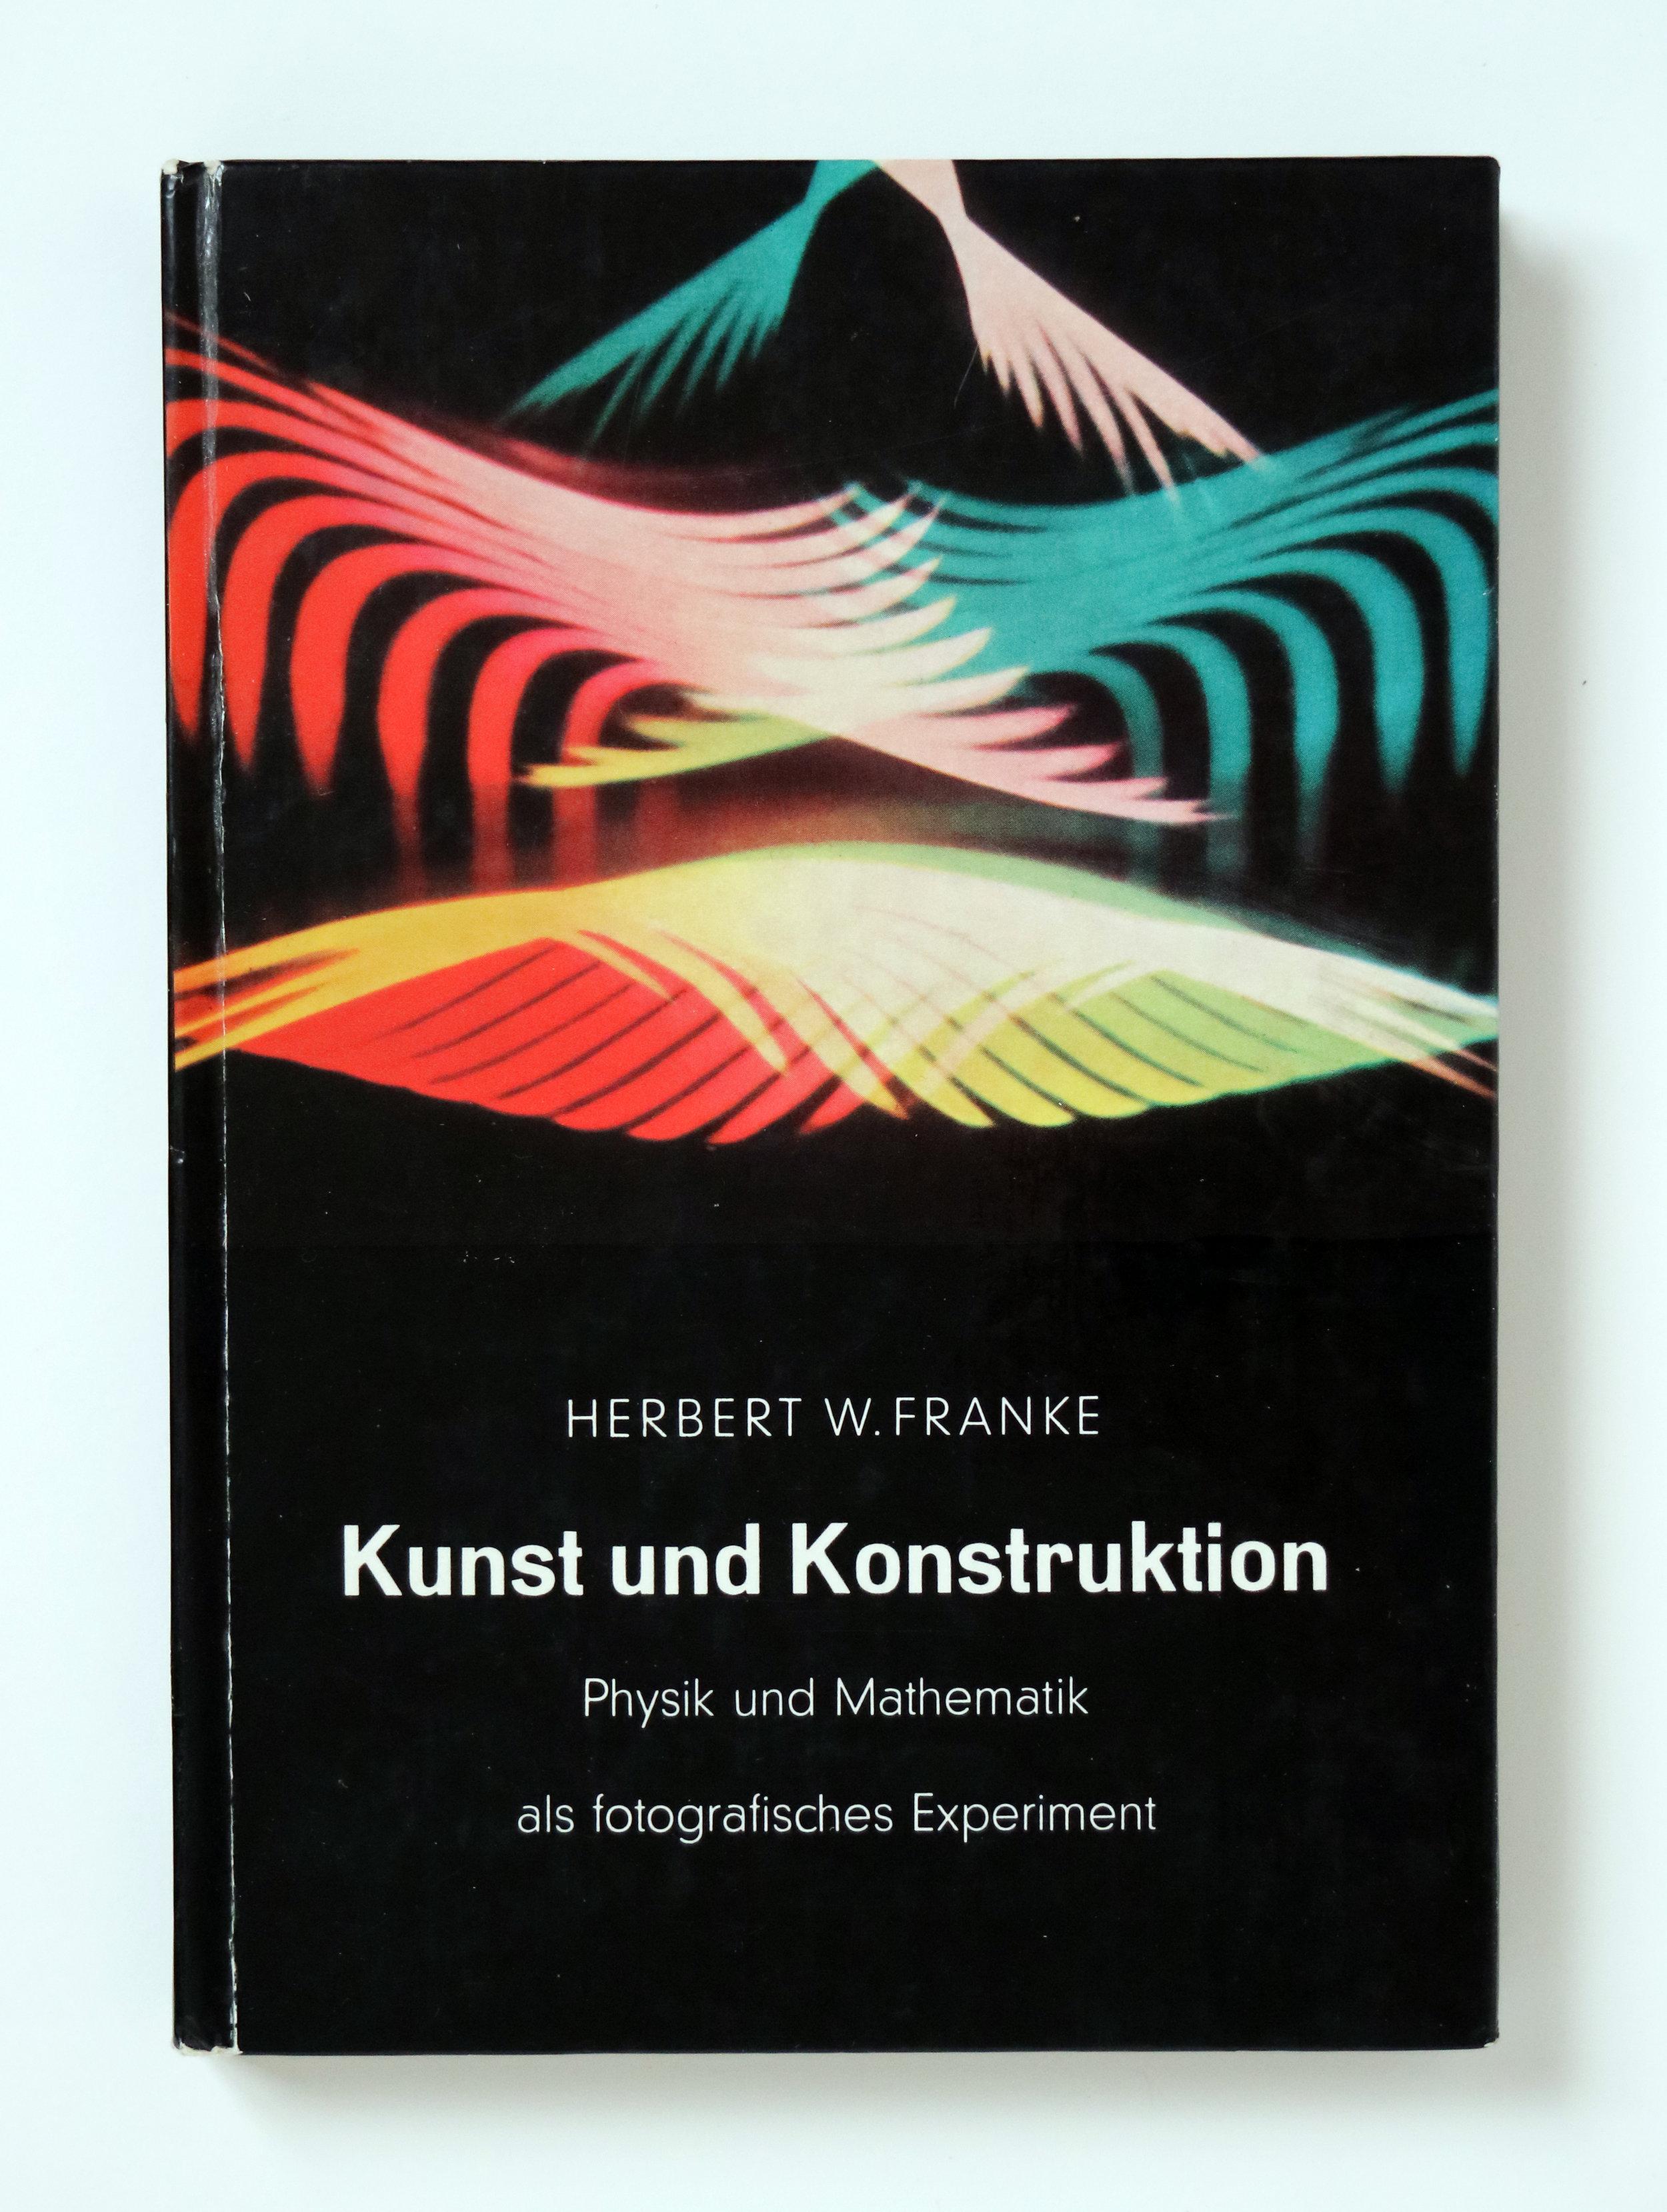 Herbert W. Franke:  Kunst und Konstruktion. Physik und Mathematik als fotografisches Experiment.  F. Bruckmann Verlag, Munich, 1957